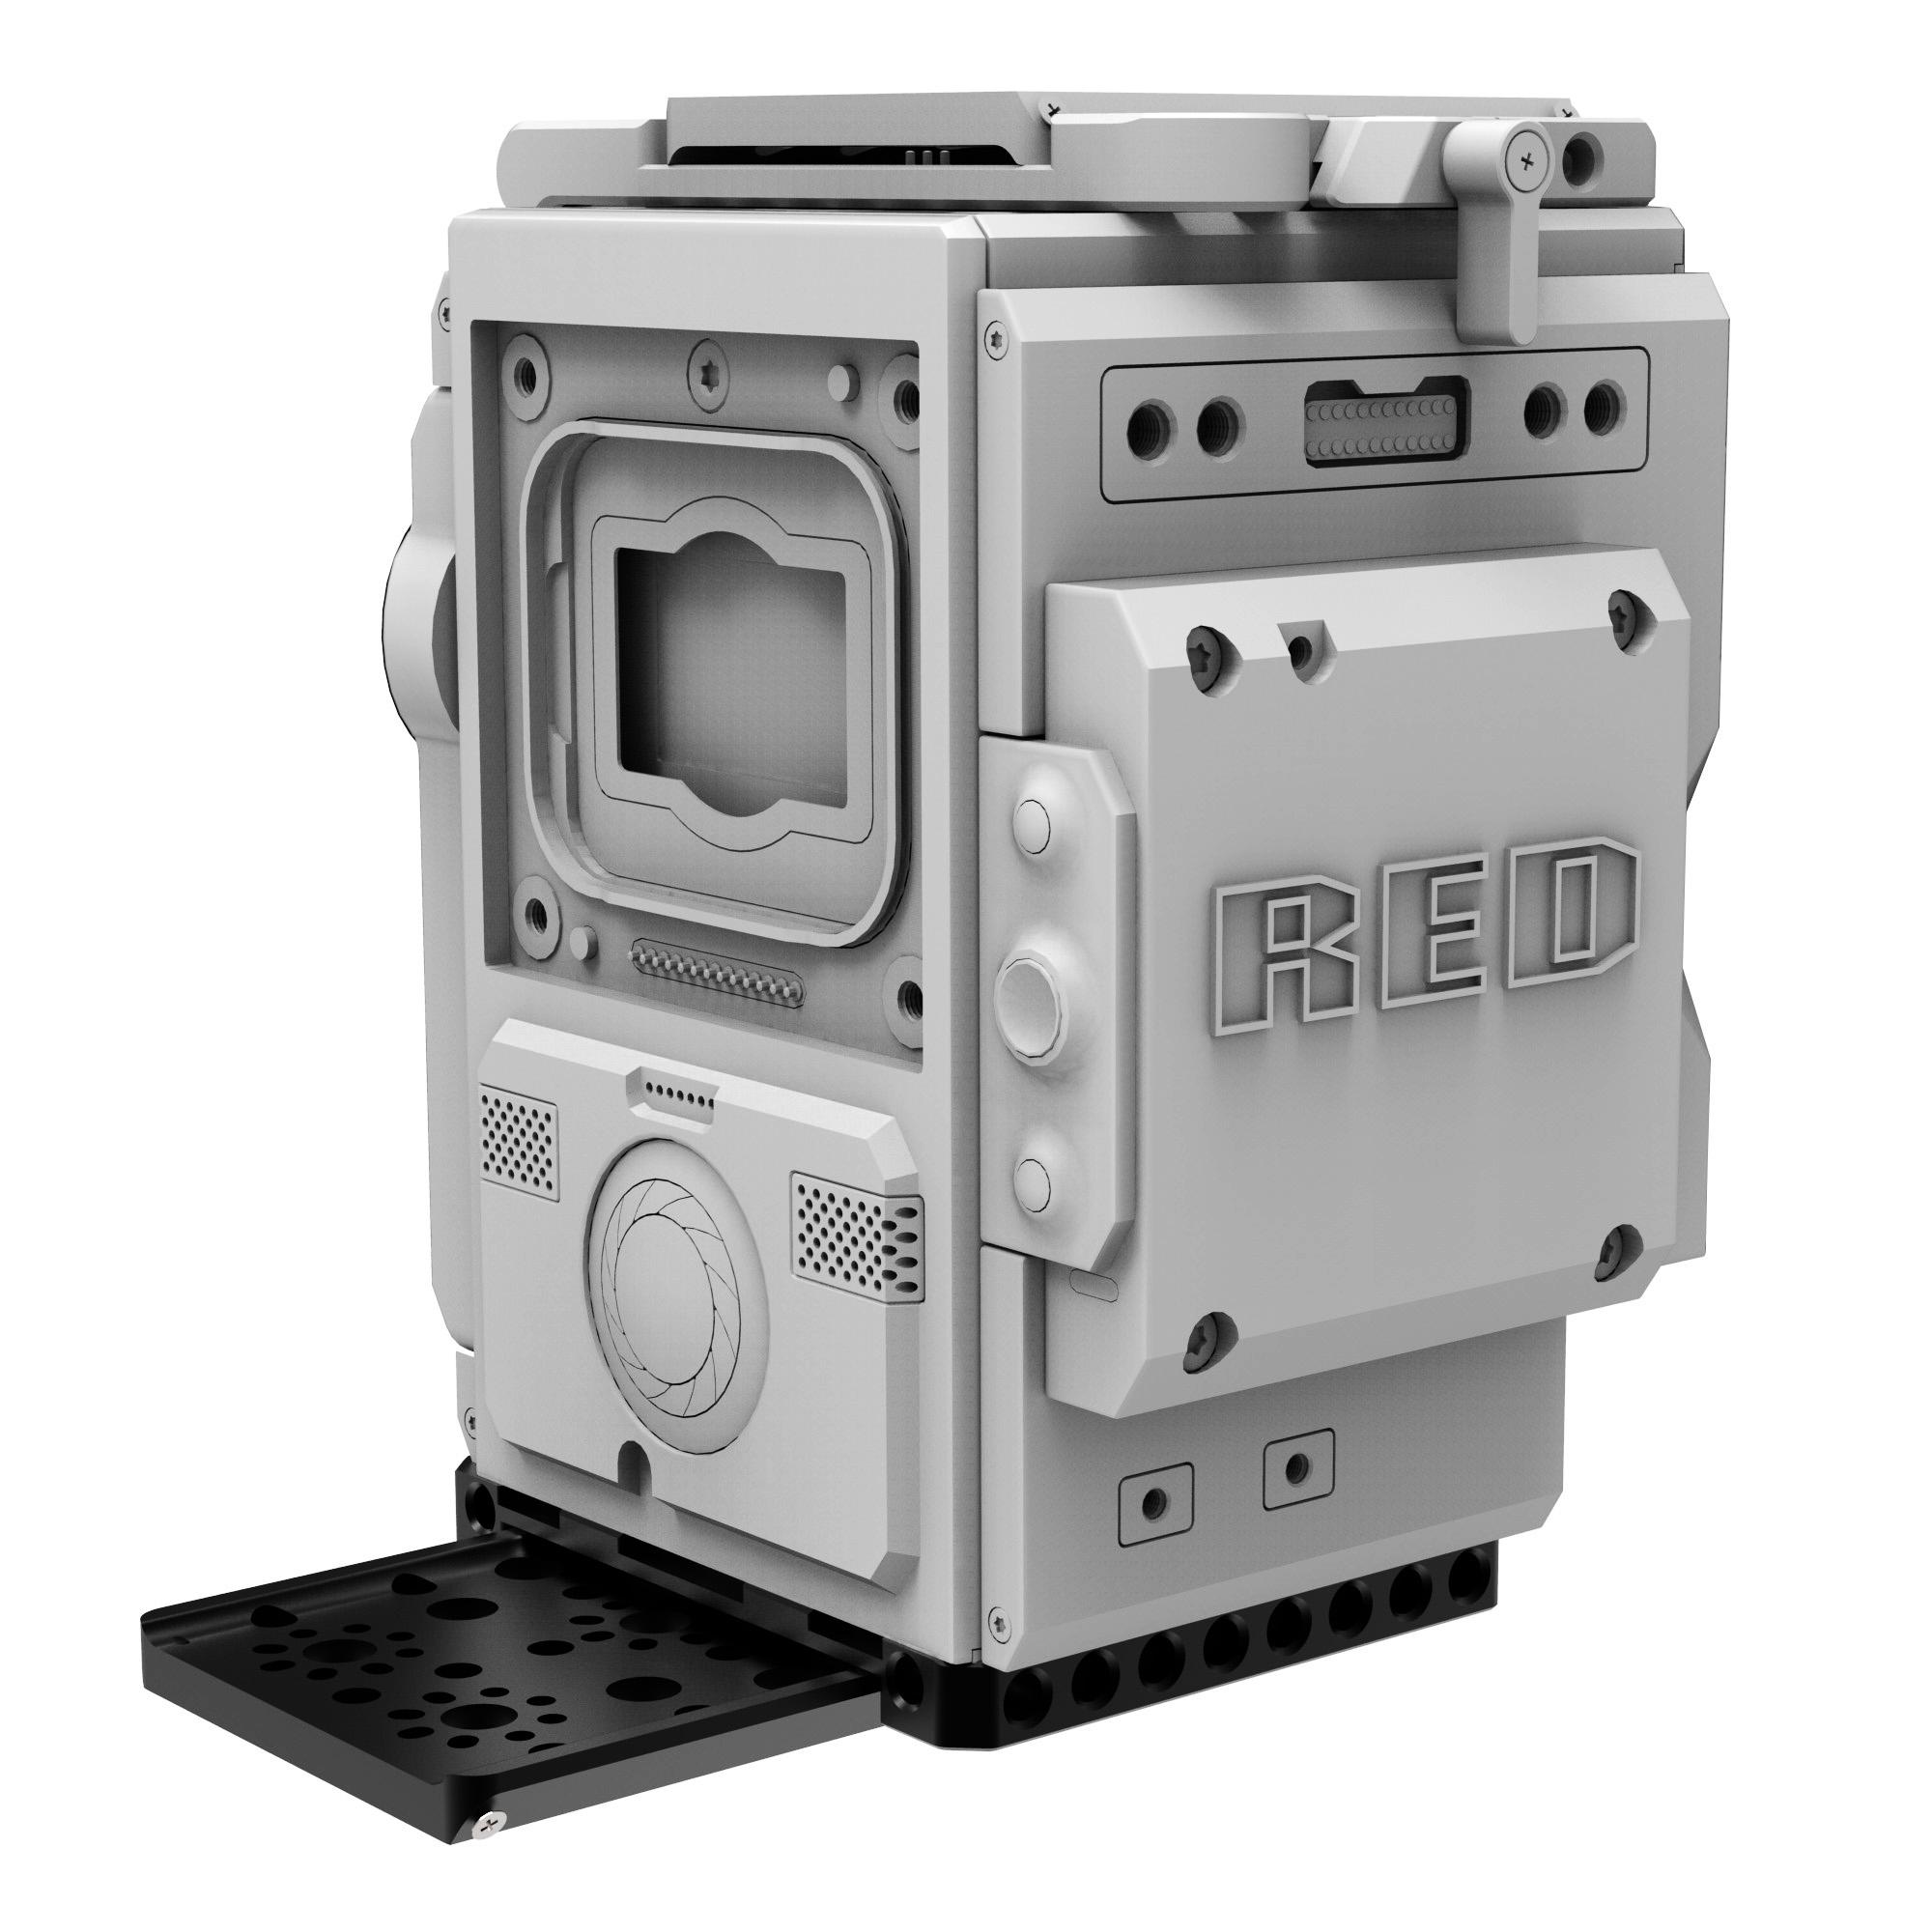 B4002 0001 Left Field Baseplate for DSMC2 3 2